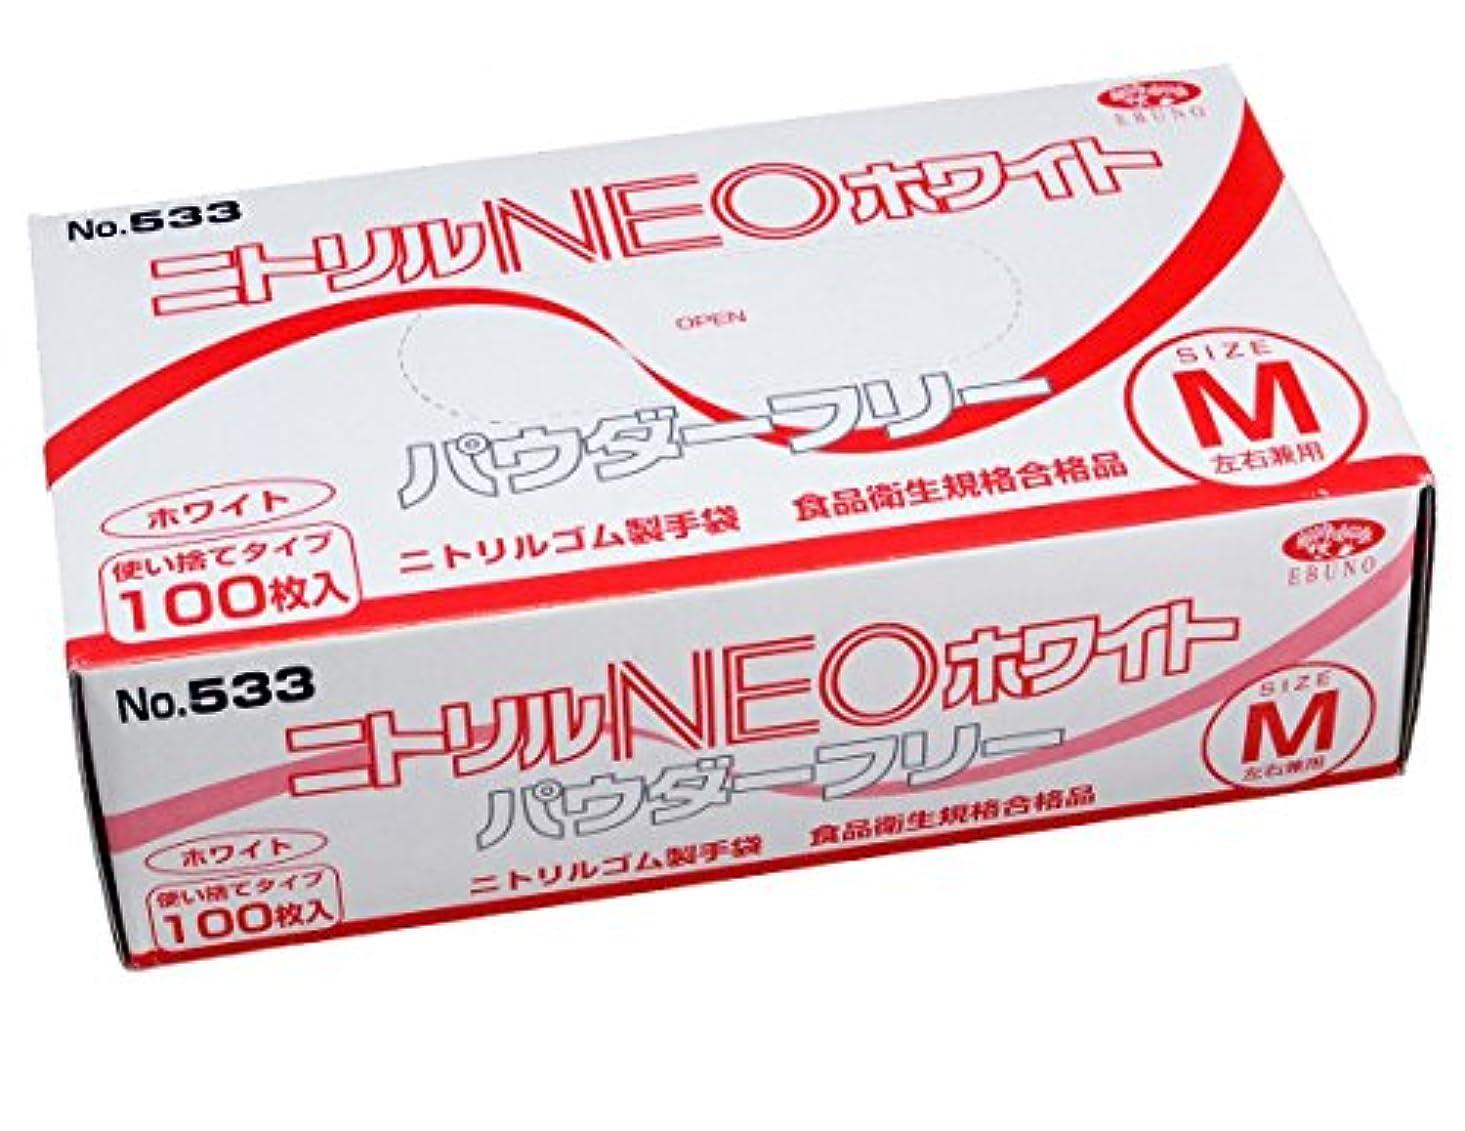 体細胞うまくいけば乳白色使い捨て手袋 ニトリル NEO ホワイト パウダーフリー 手袋 M